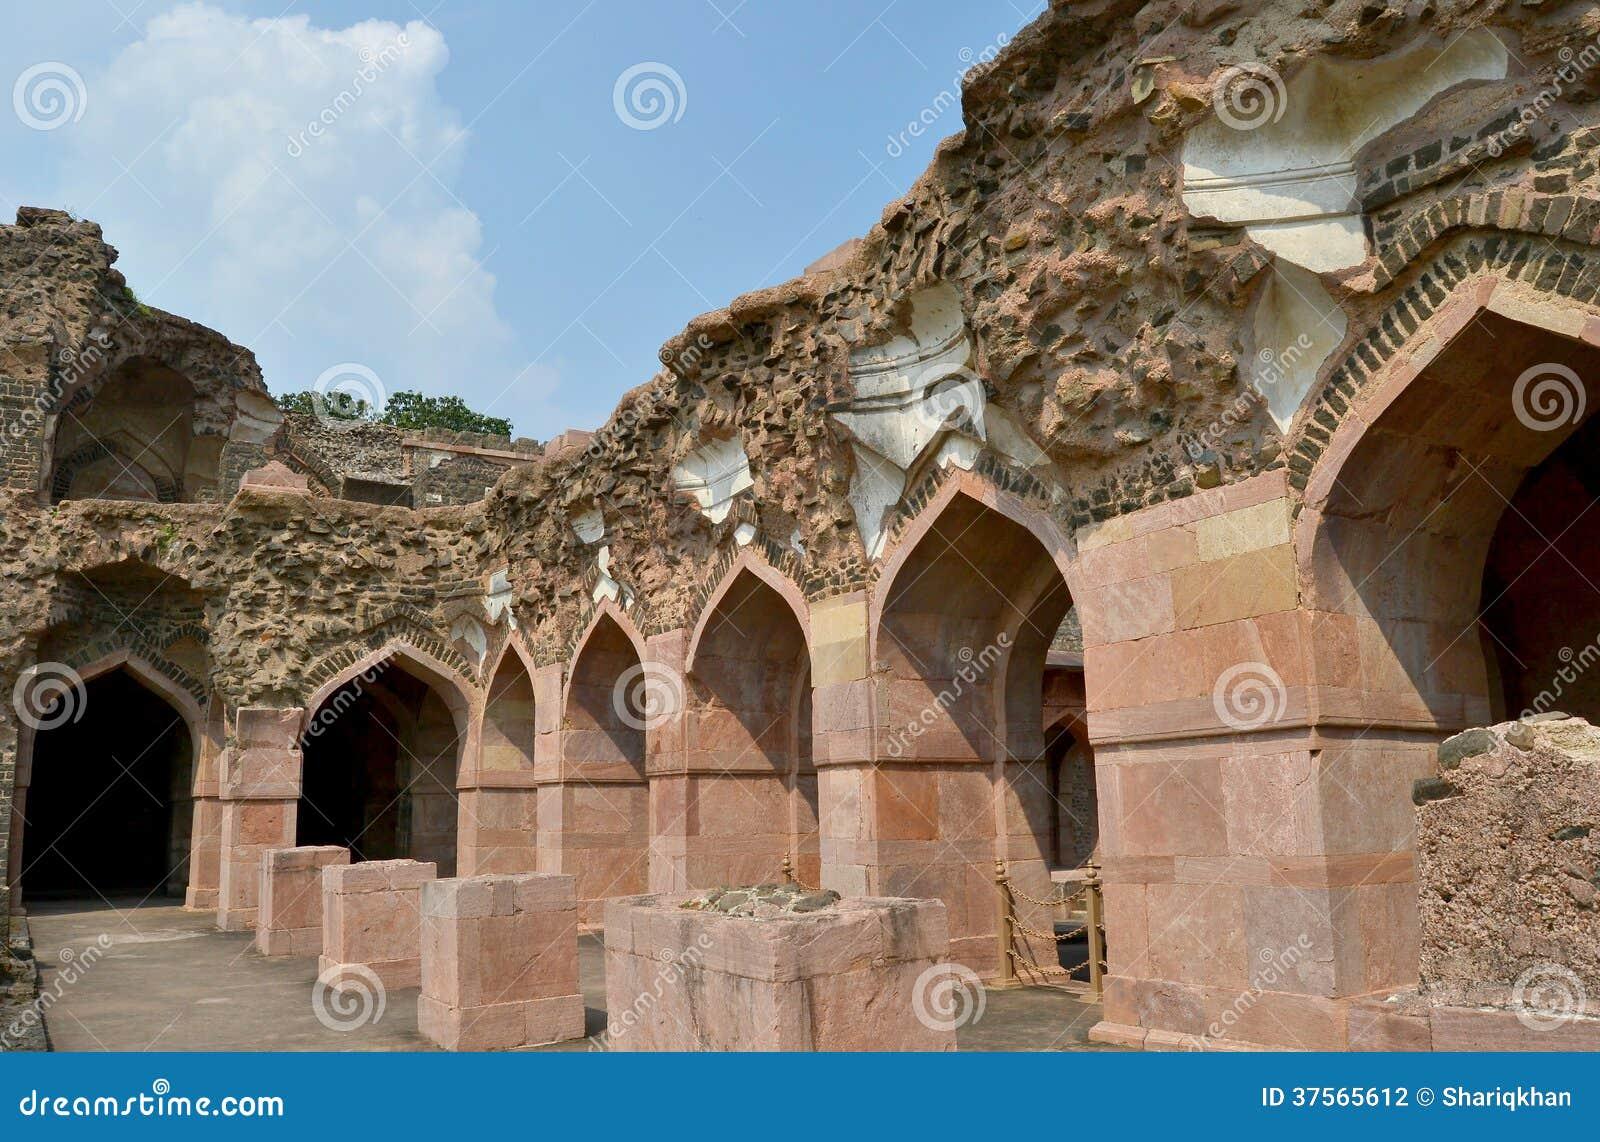 Ruins of Ancient Architecture Ship Palace Mandav